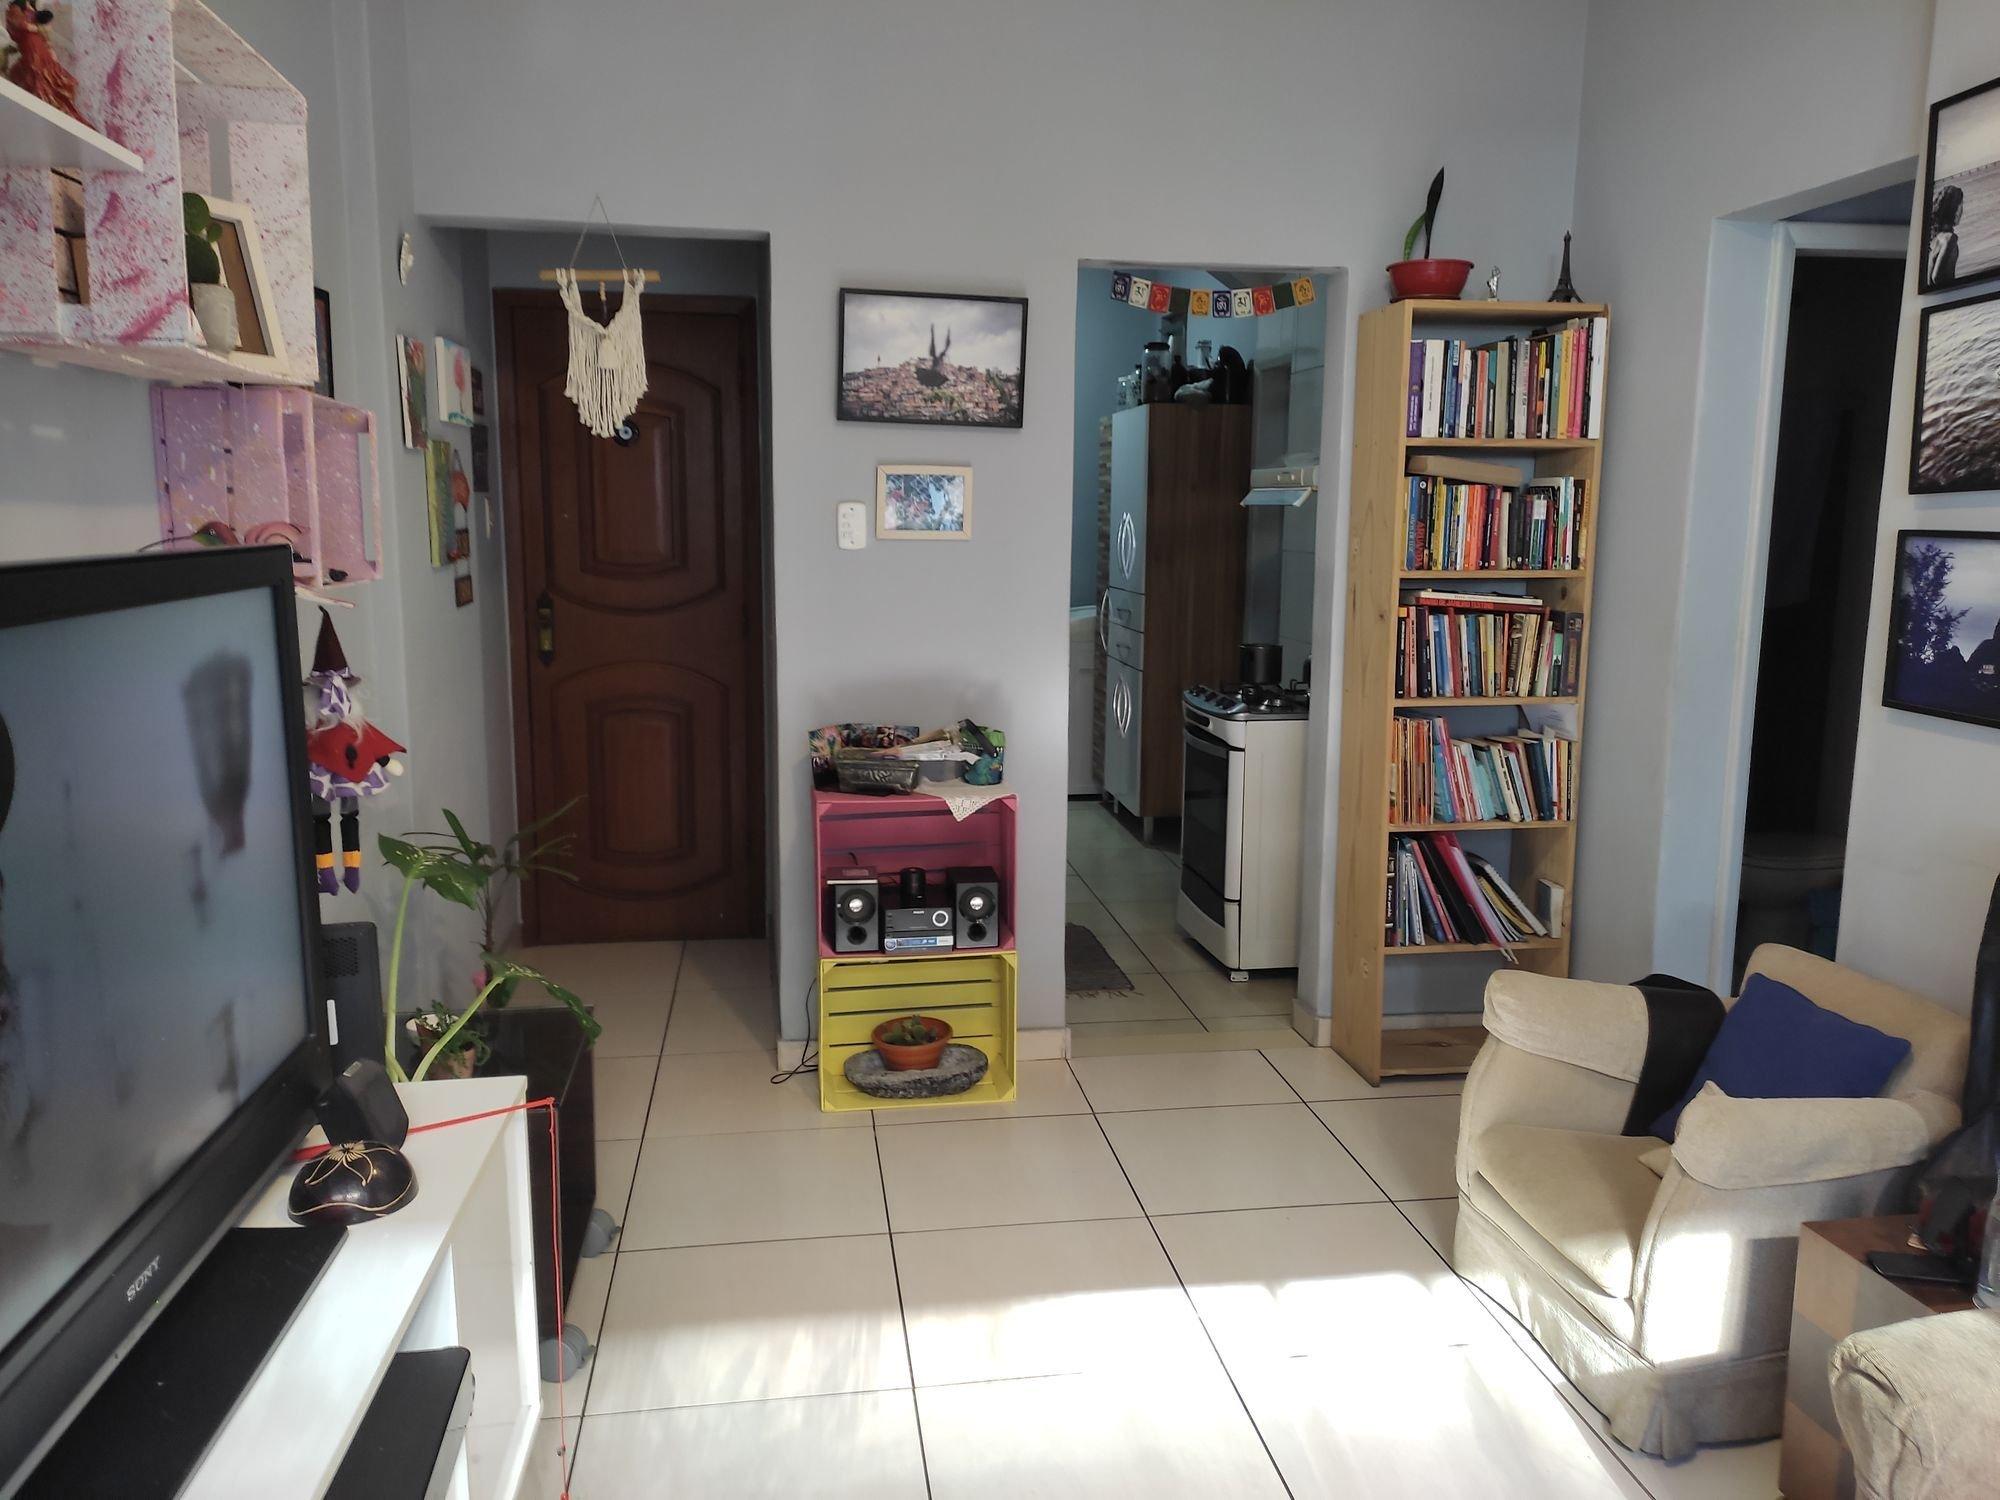 Foto de Sala com vaso de planta, televisão, tigela, cadeira, livro